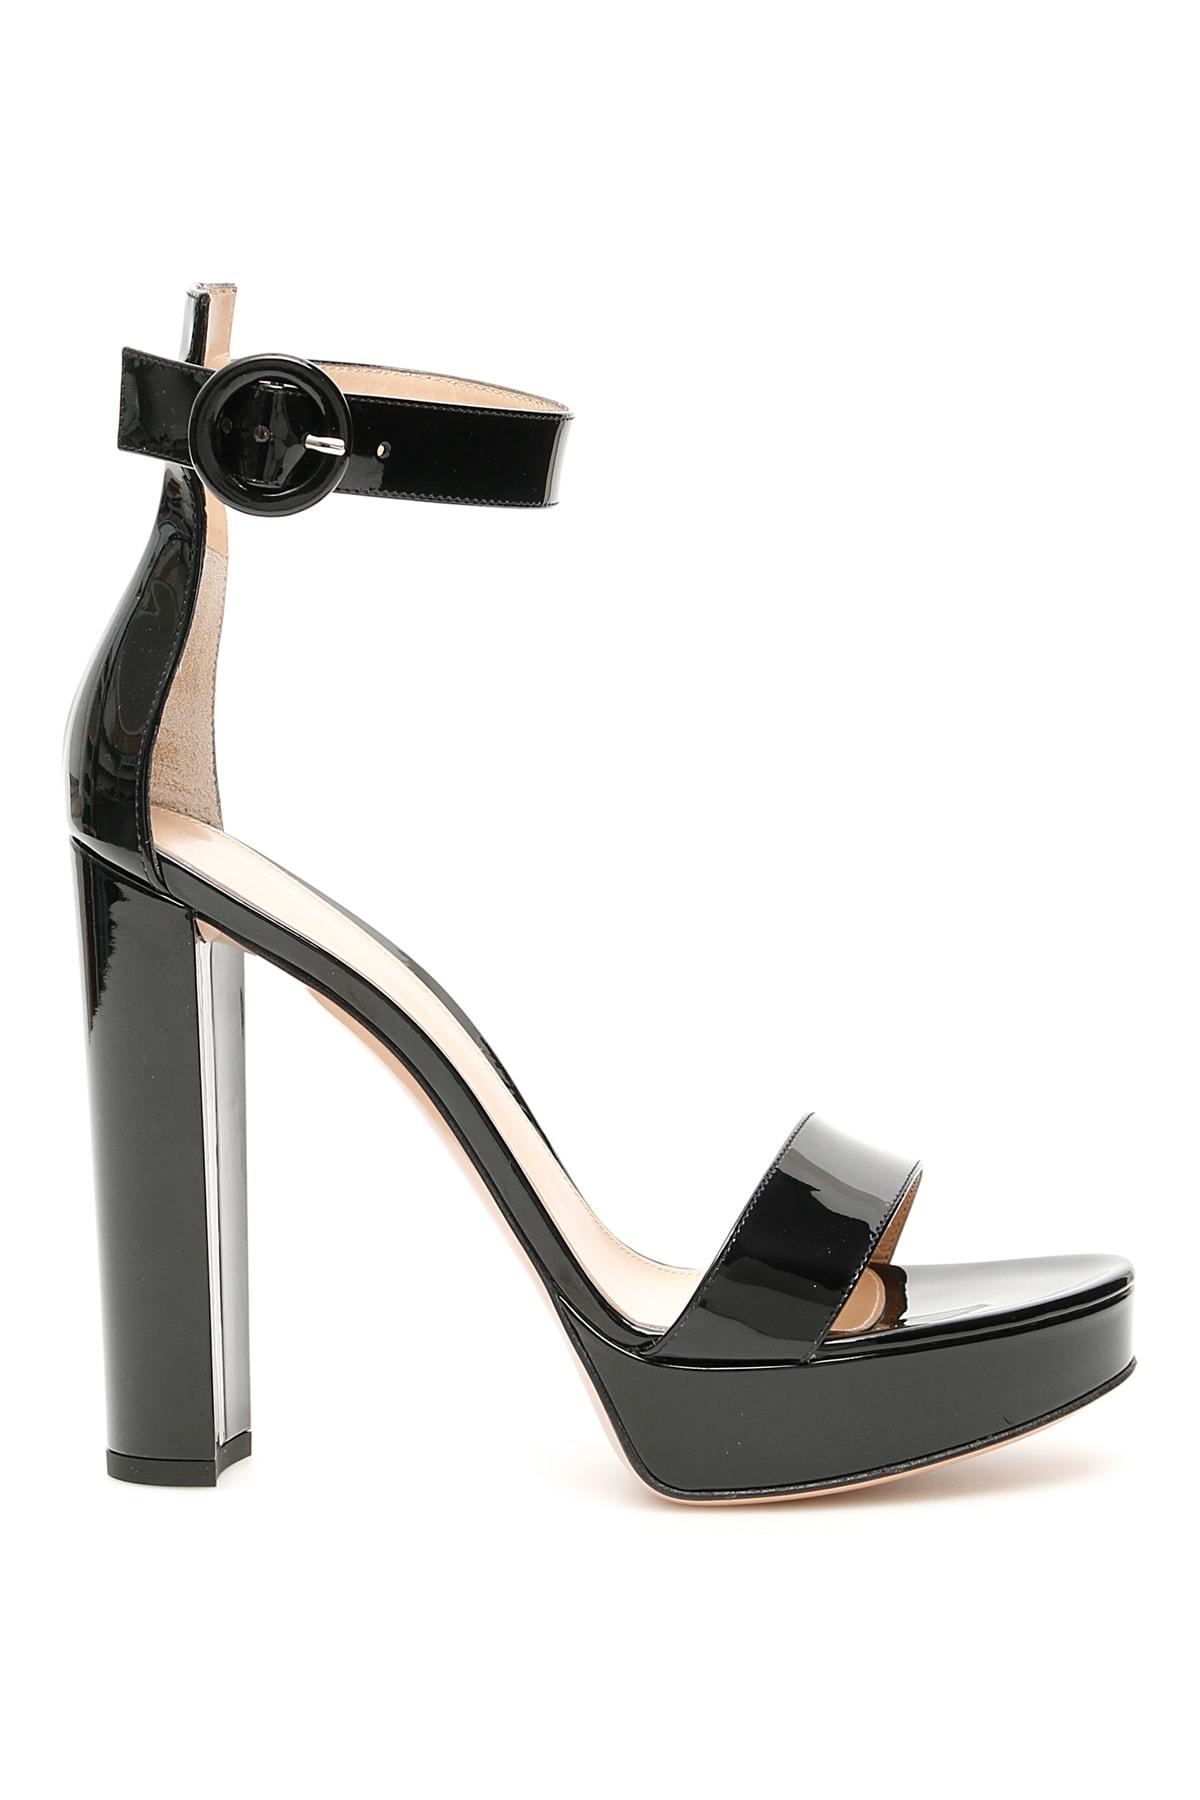 Gianvito Rossi Patent Portofino Sandals